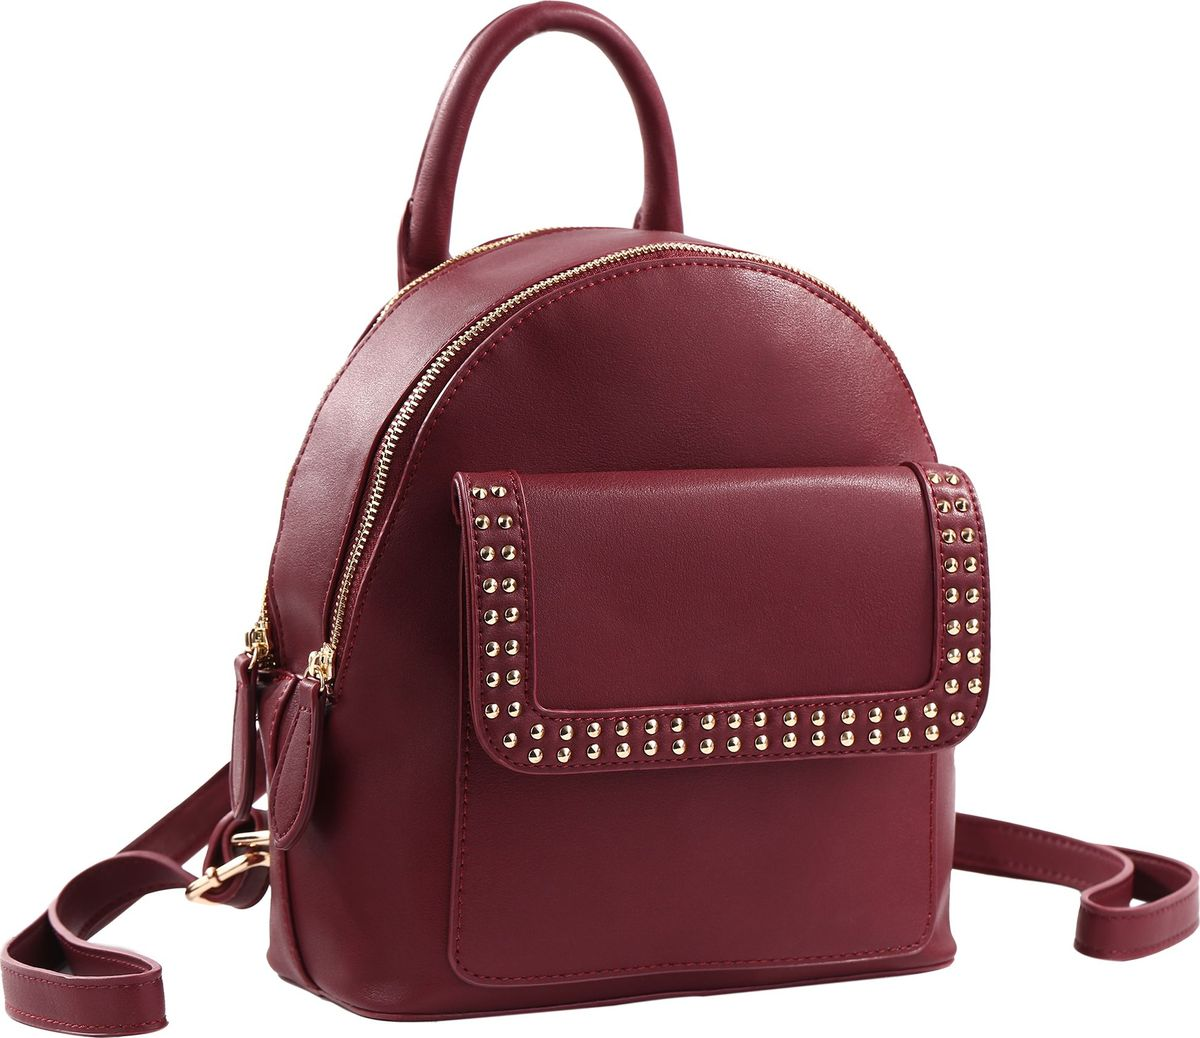 Рюкзак женский Pola, цвет: бордовый. 78331